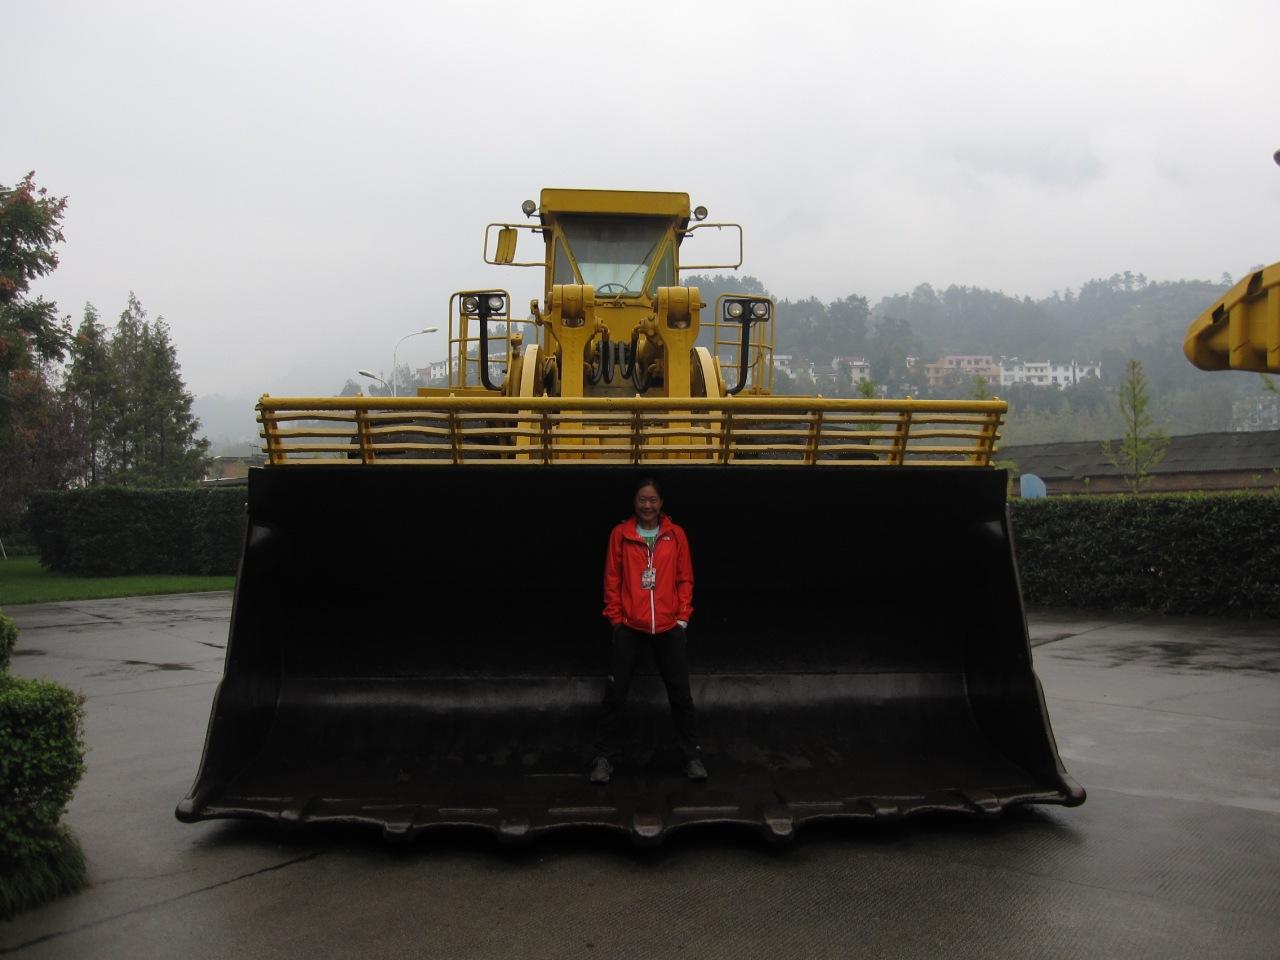 Wandering around the dam construction museum